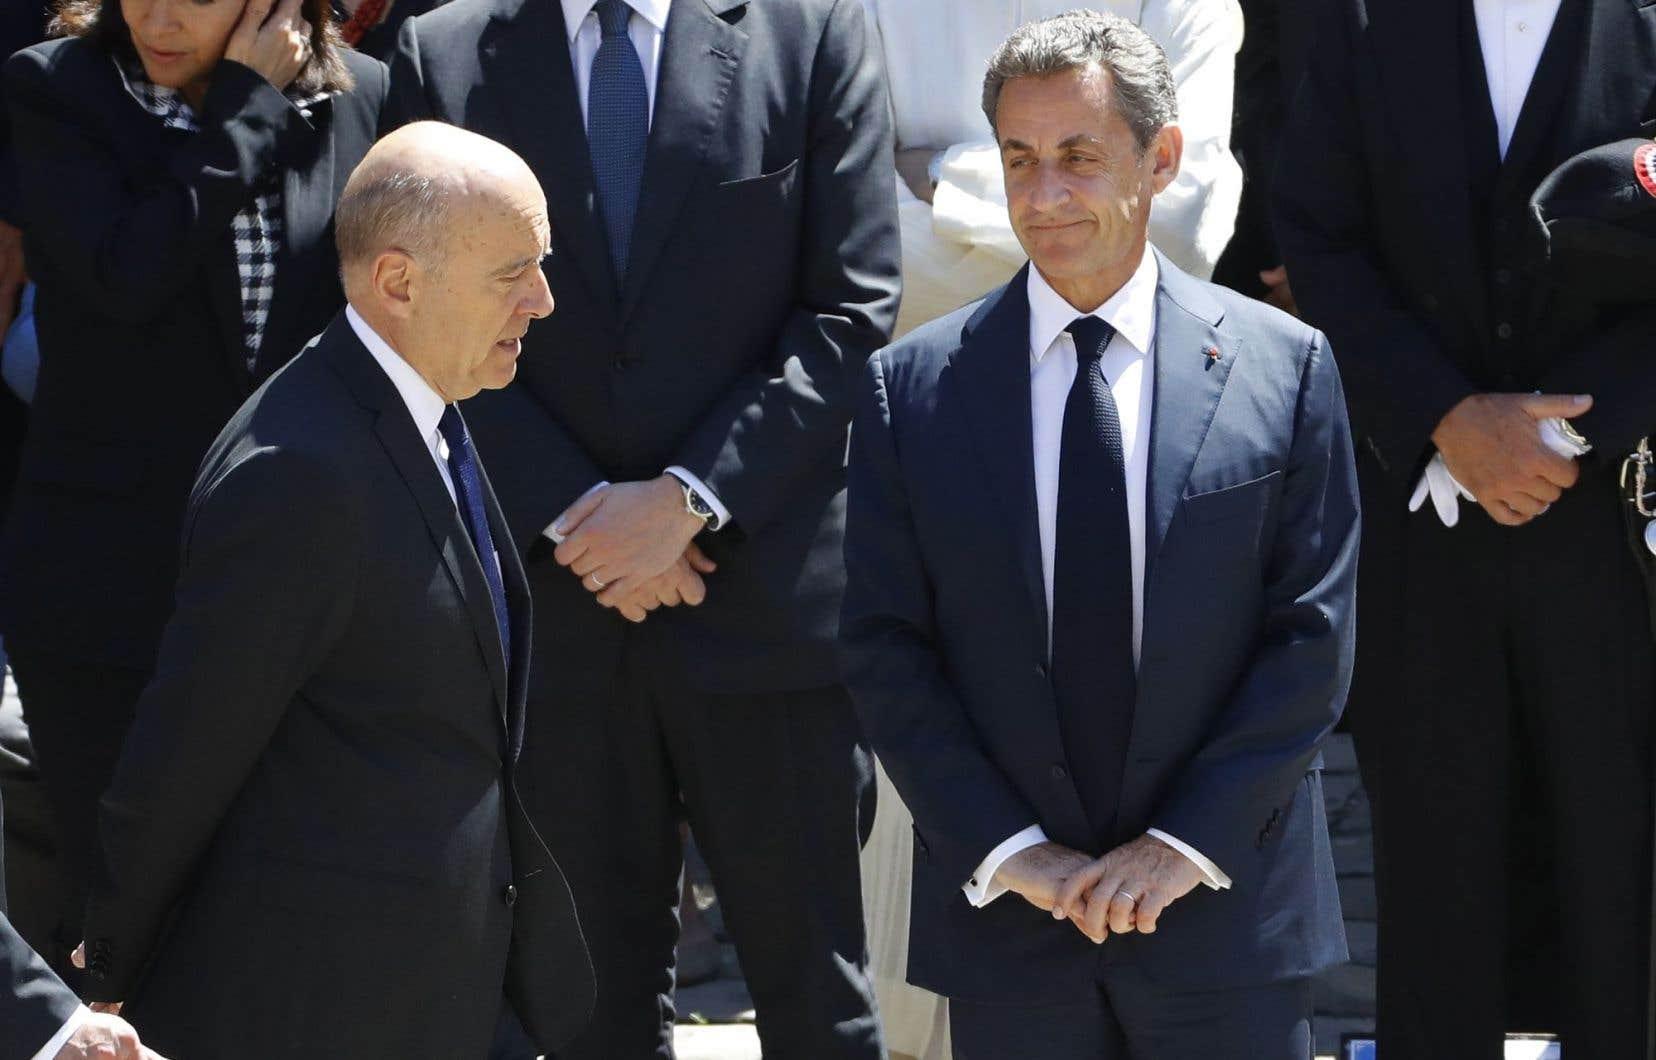 Sept candidats sont dans la course, mais deux jouissent d'une longueur d'avance quasi insurmontable : Alain Juppé et Nicolas Sarkozy.